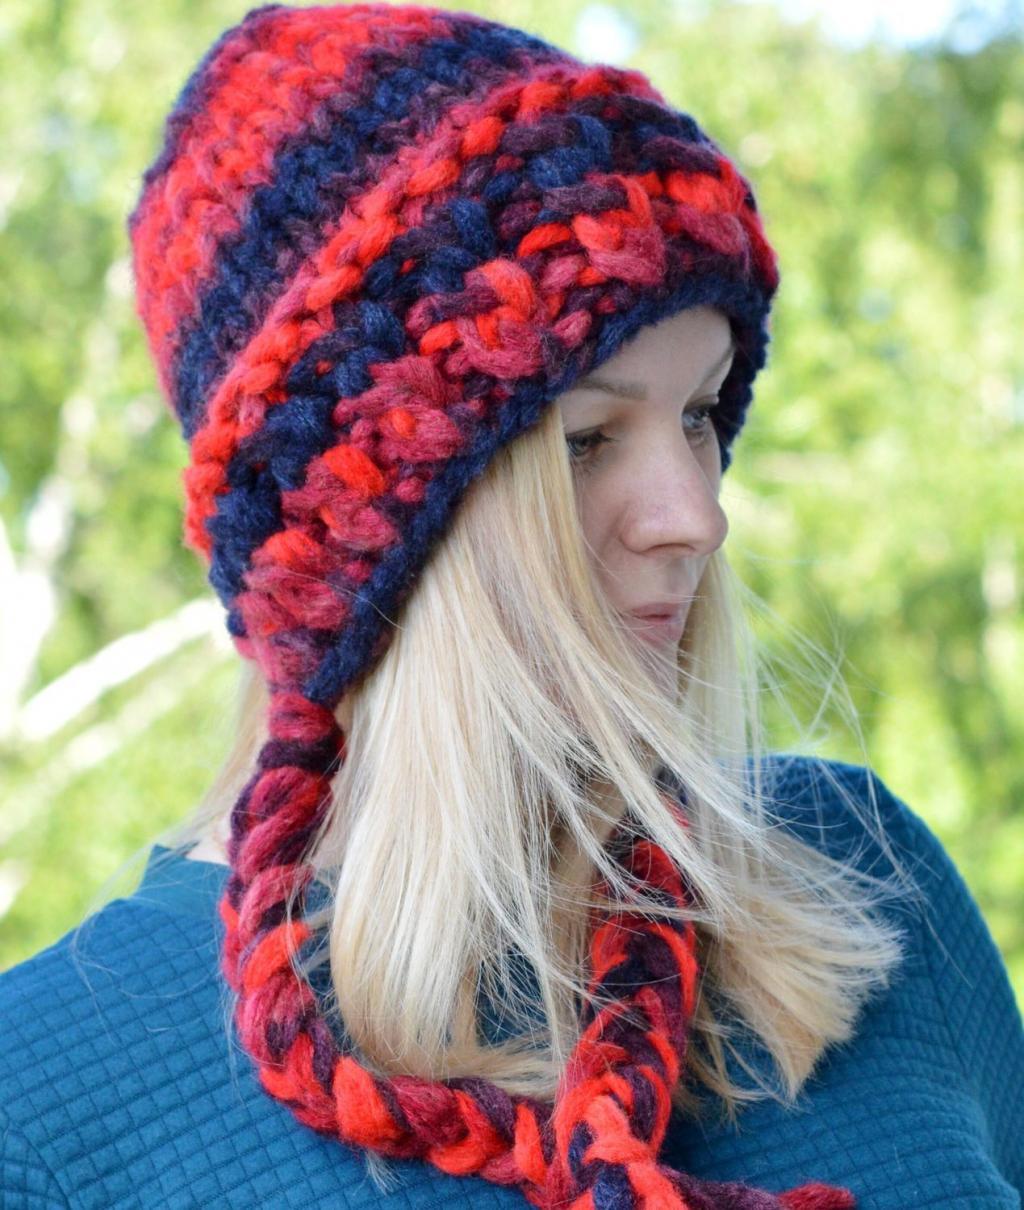 مدل کلاه بافتنی زنانه رنگارنگ شیک